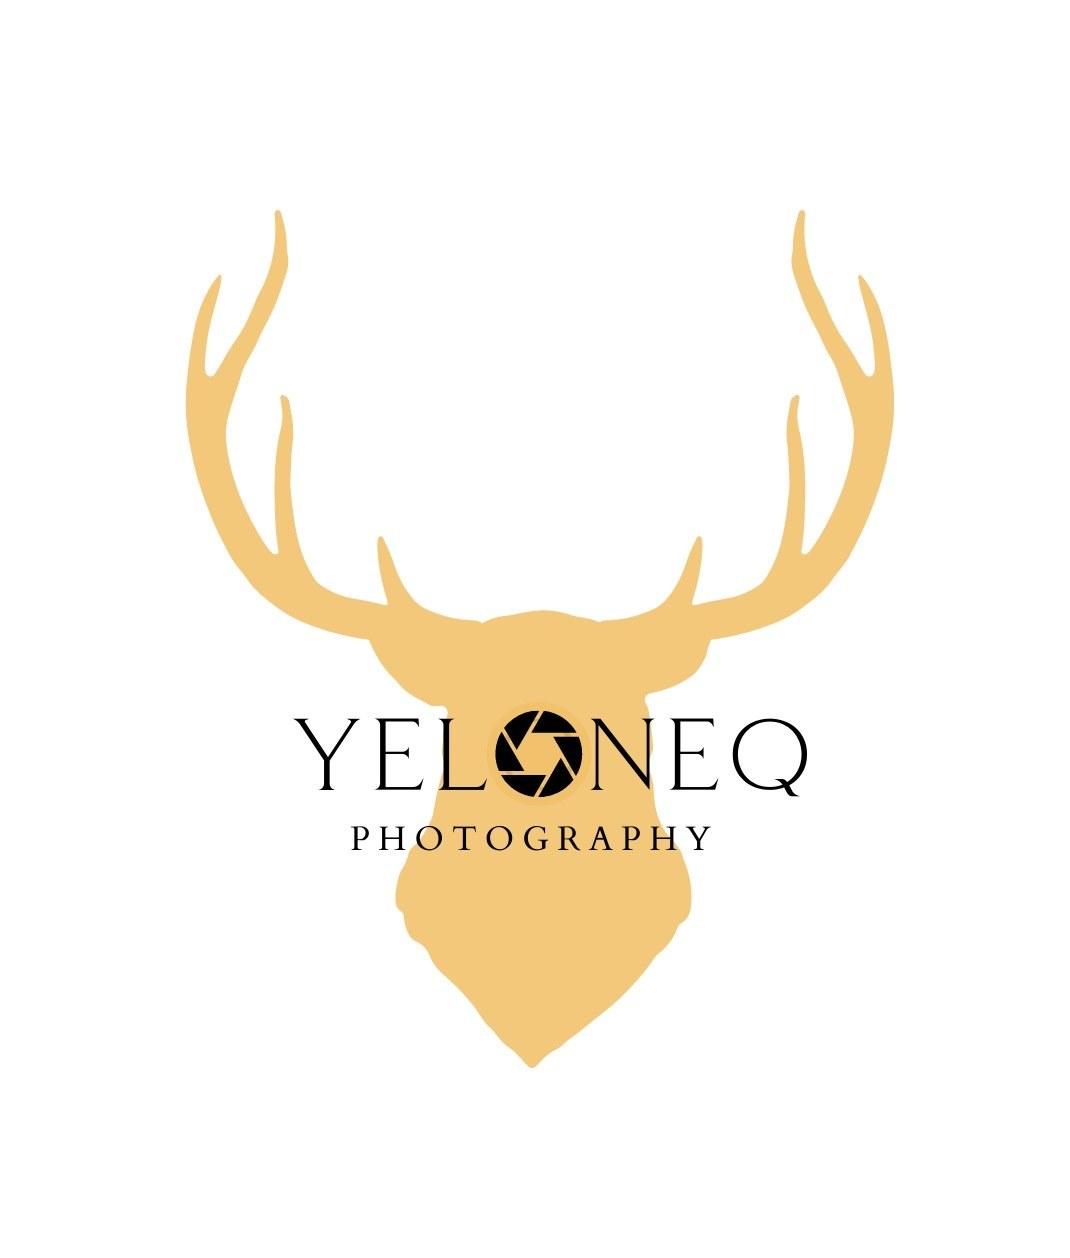 Yeloneq Photography